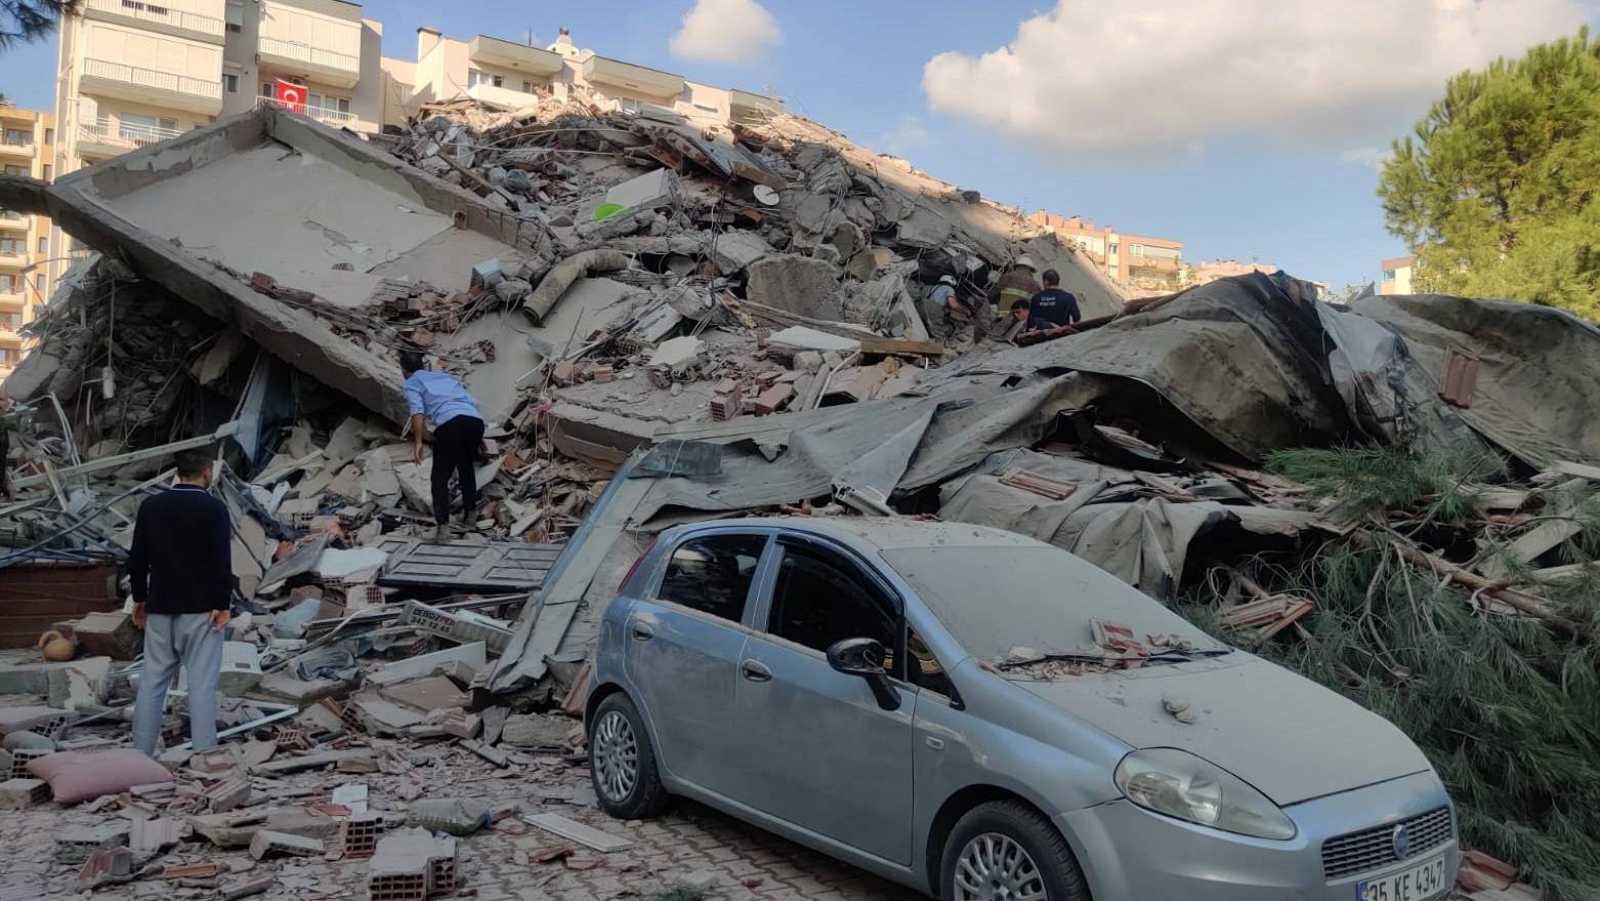 14 horas - Un terremoto de 6,8 grados sacude Turquía y las islas griegas - Escuchar ahora